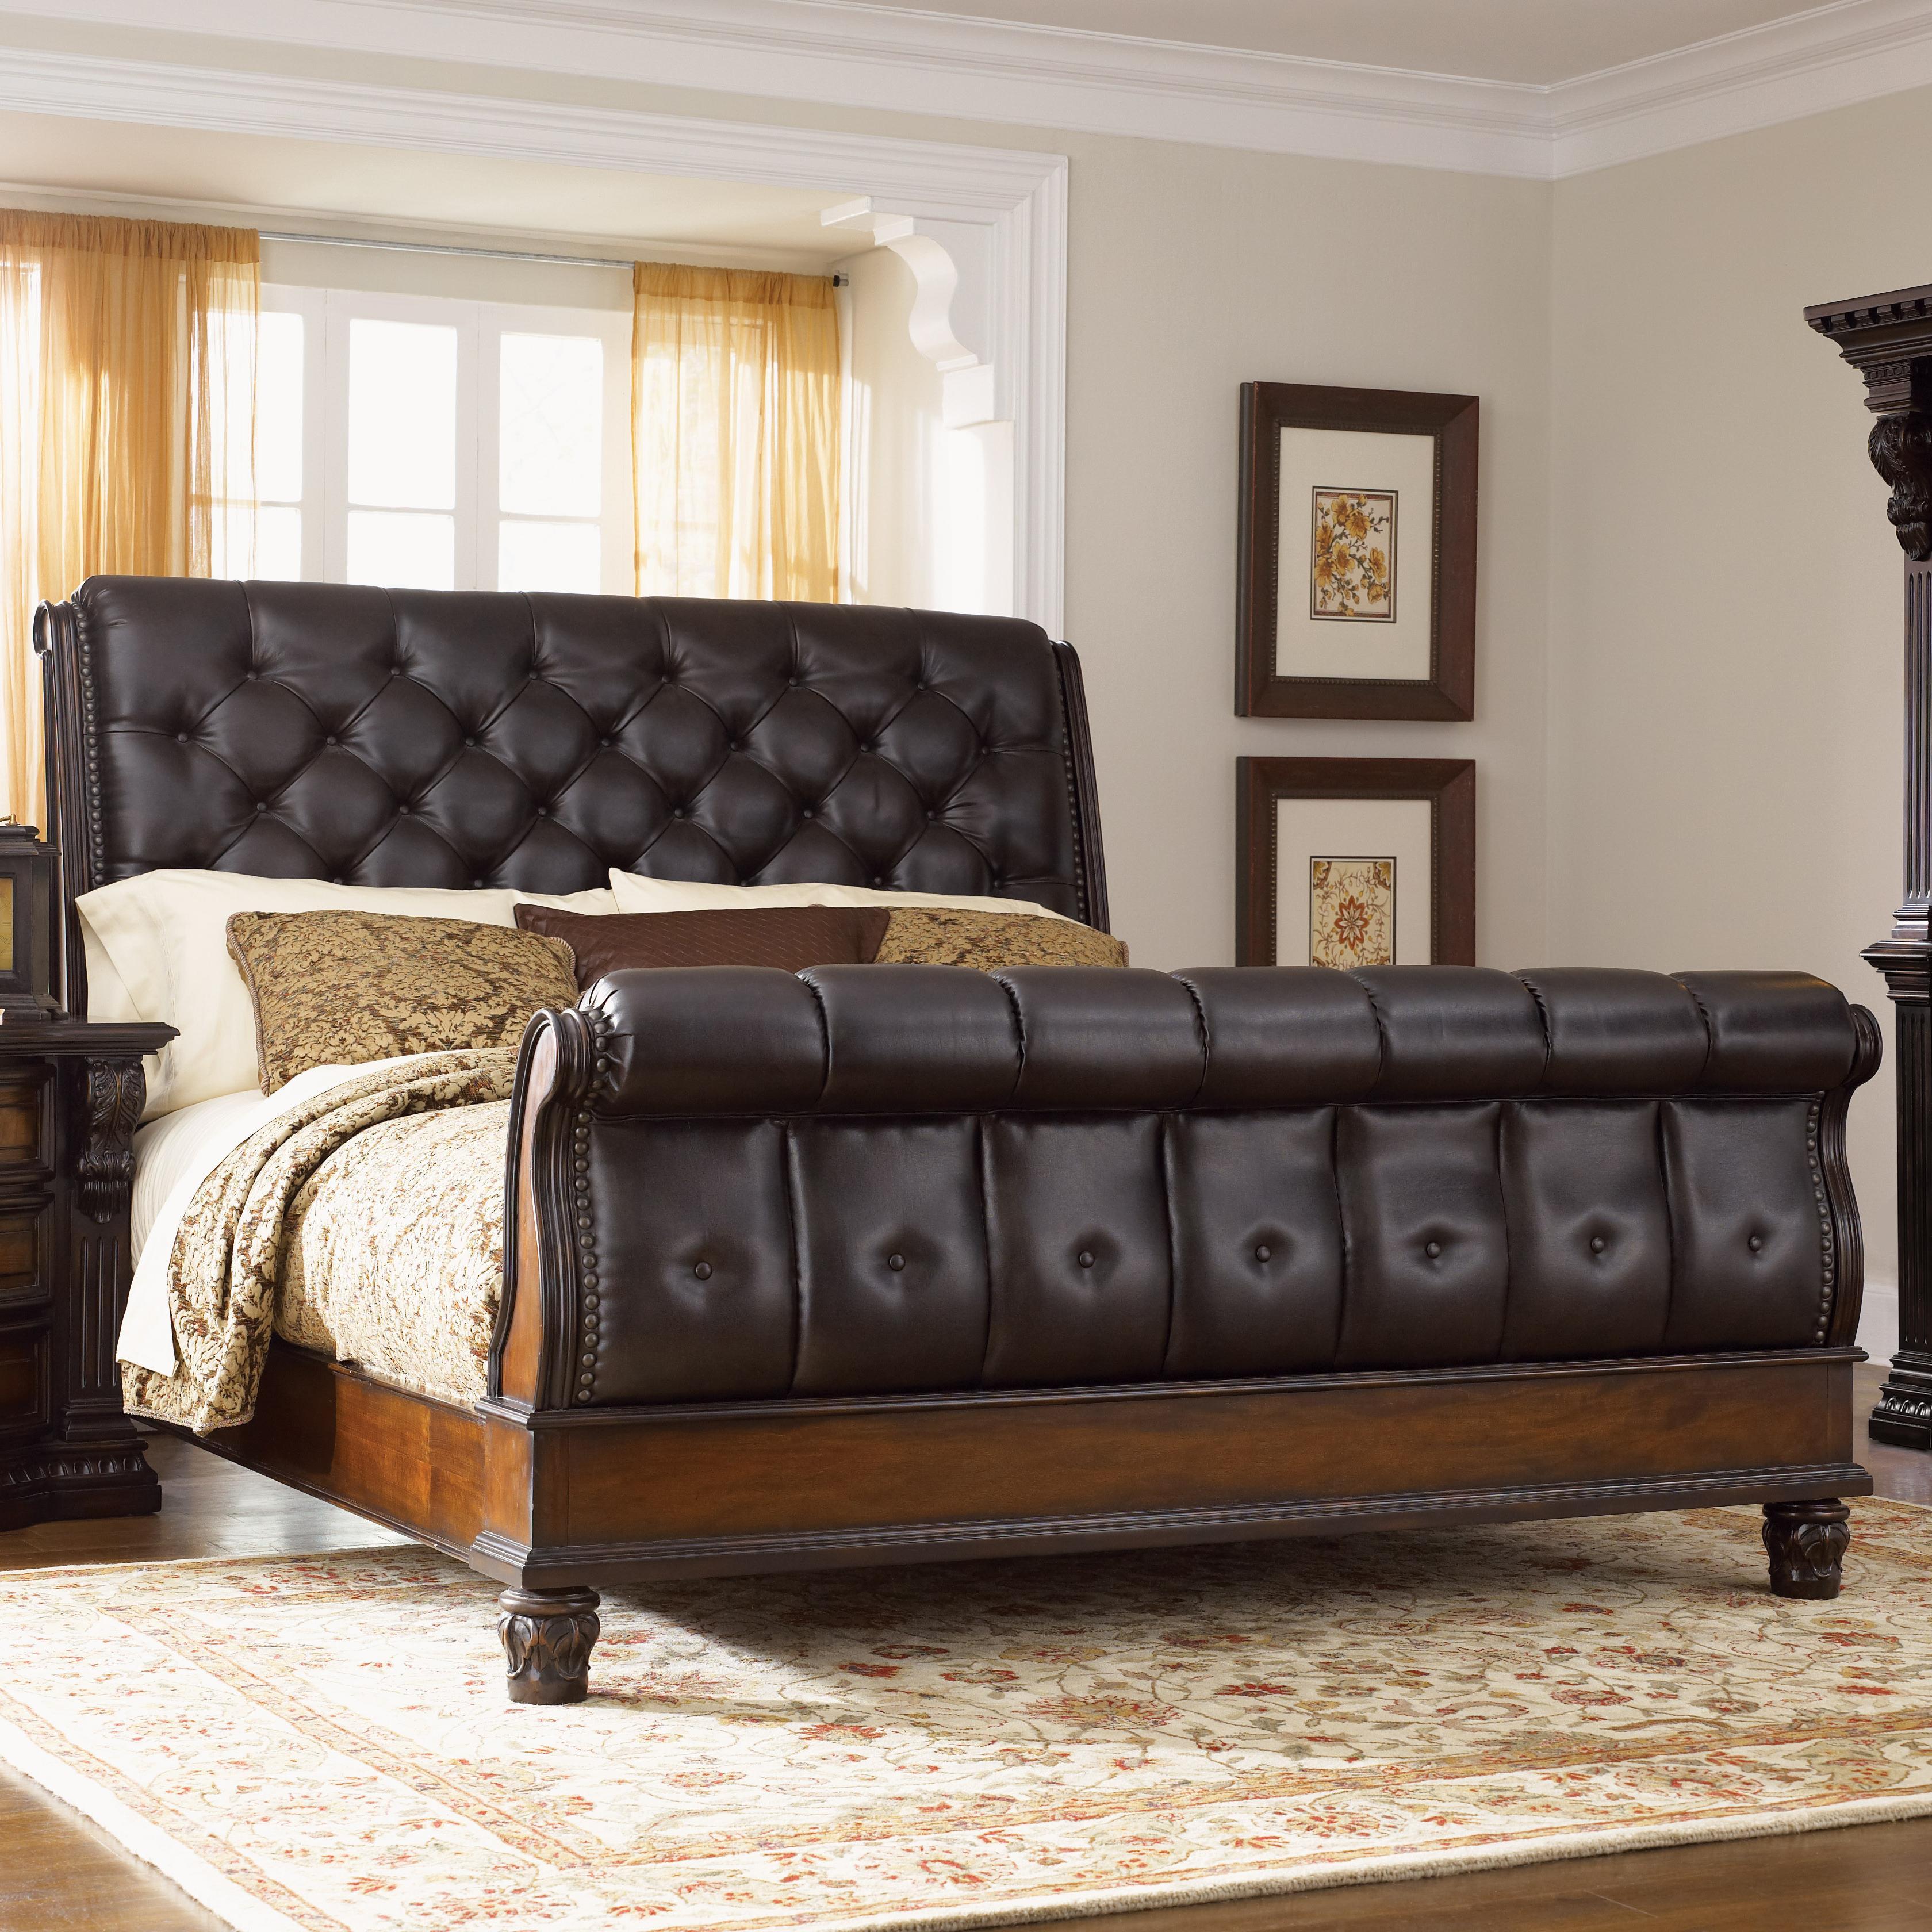 grand estates queen sleigh bed